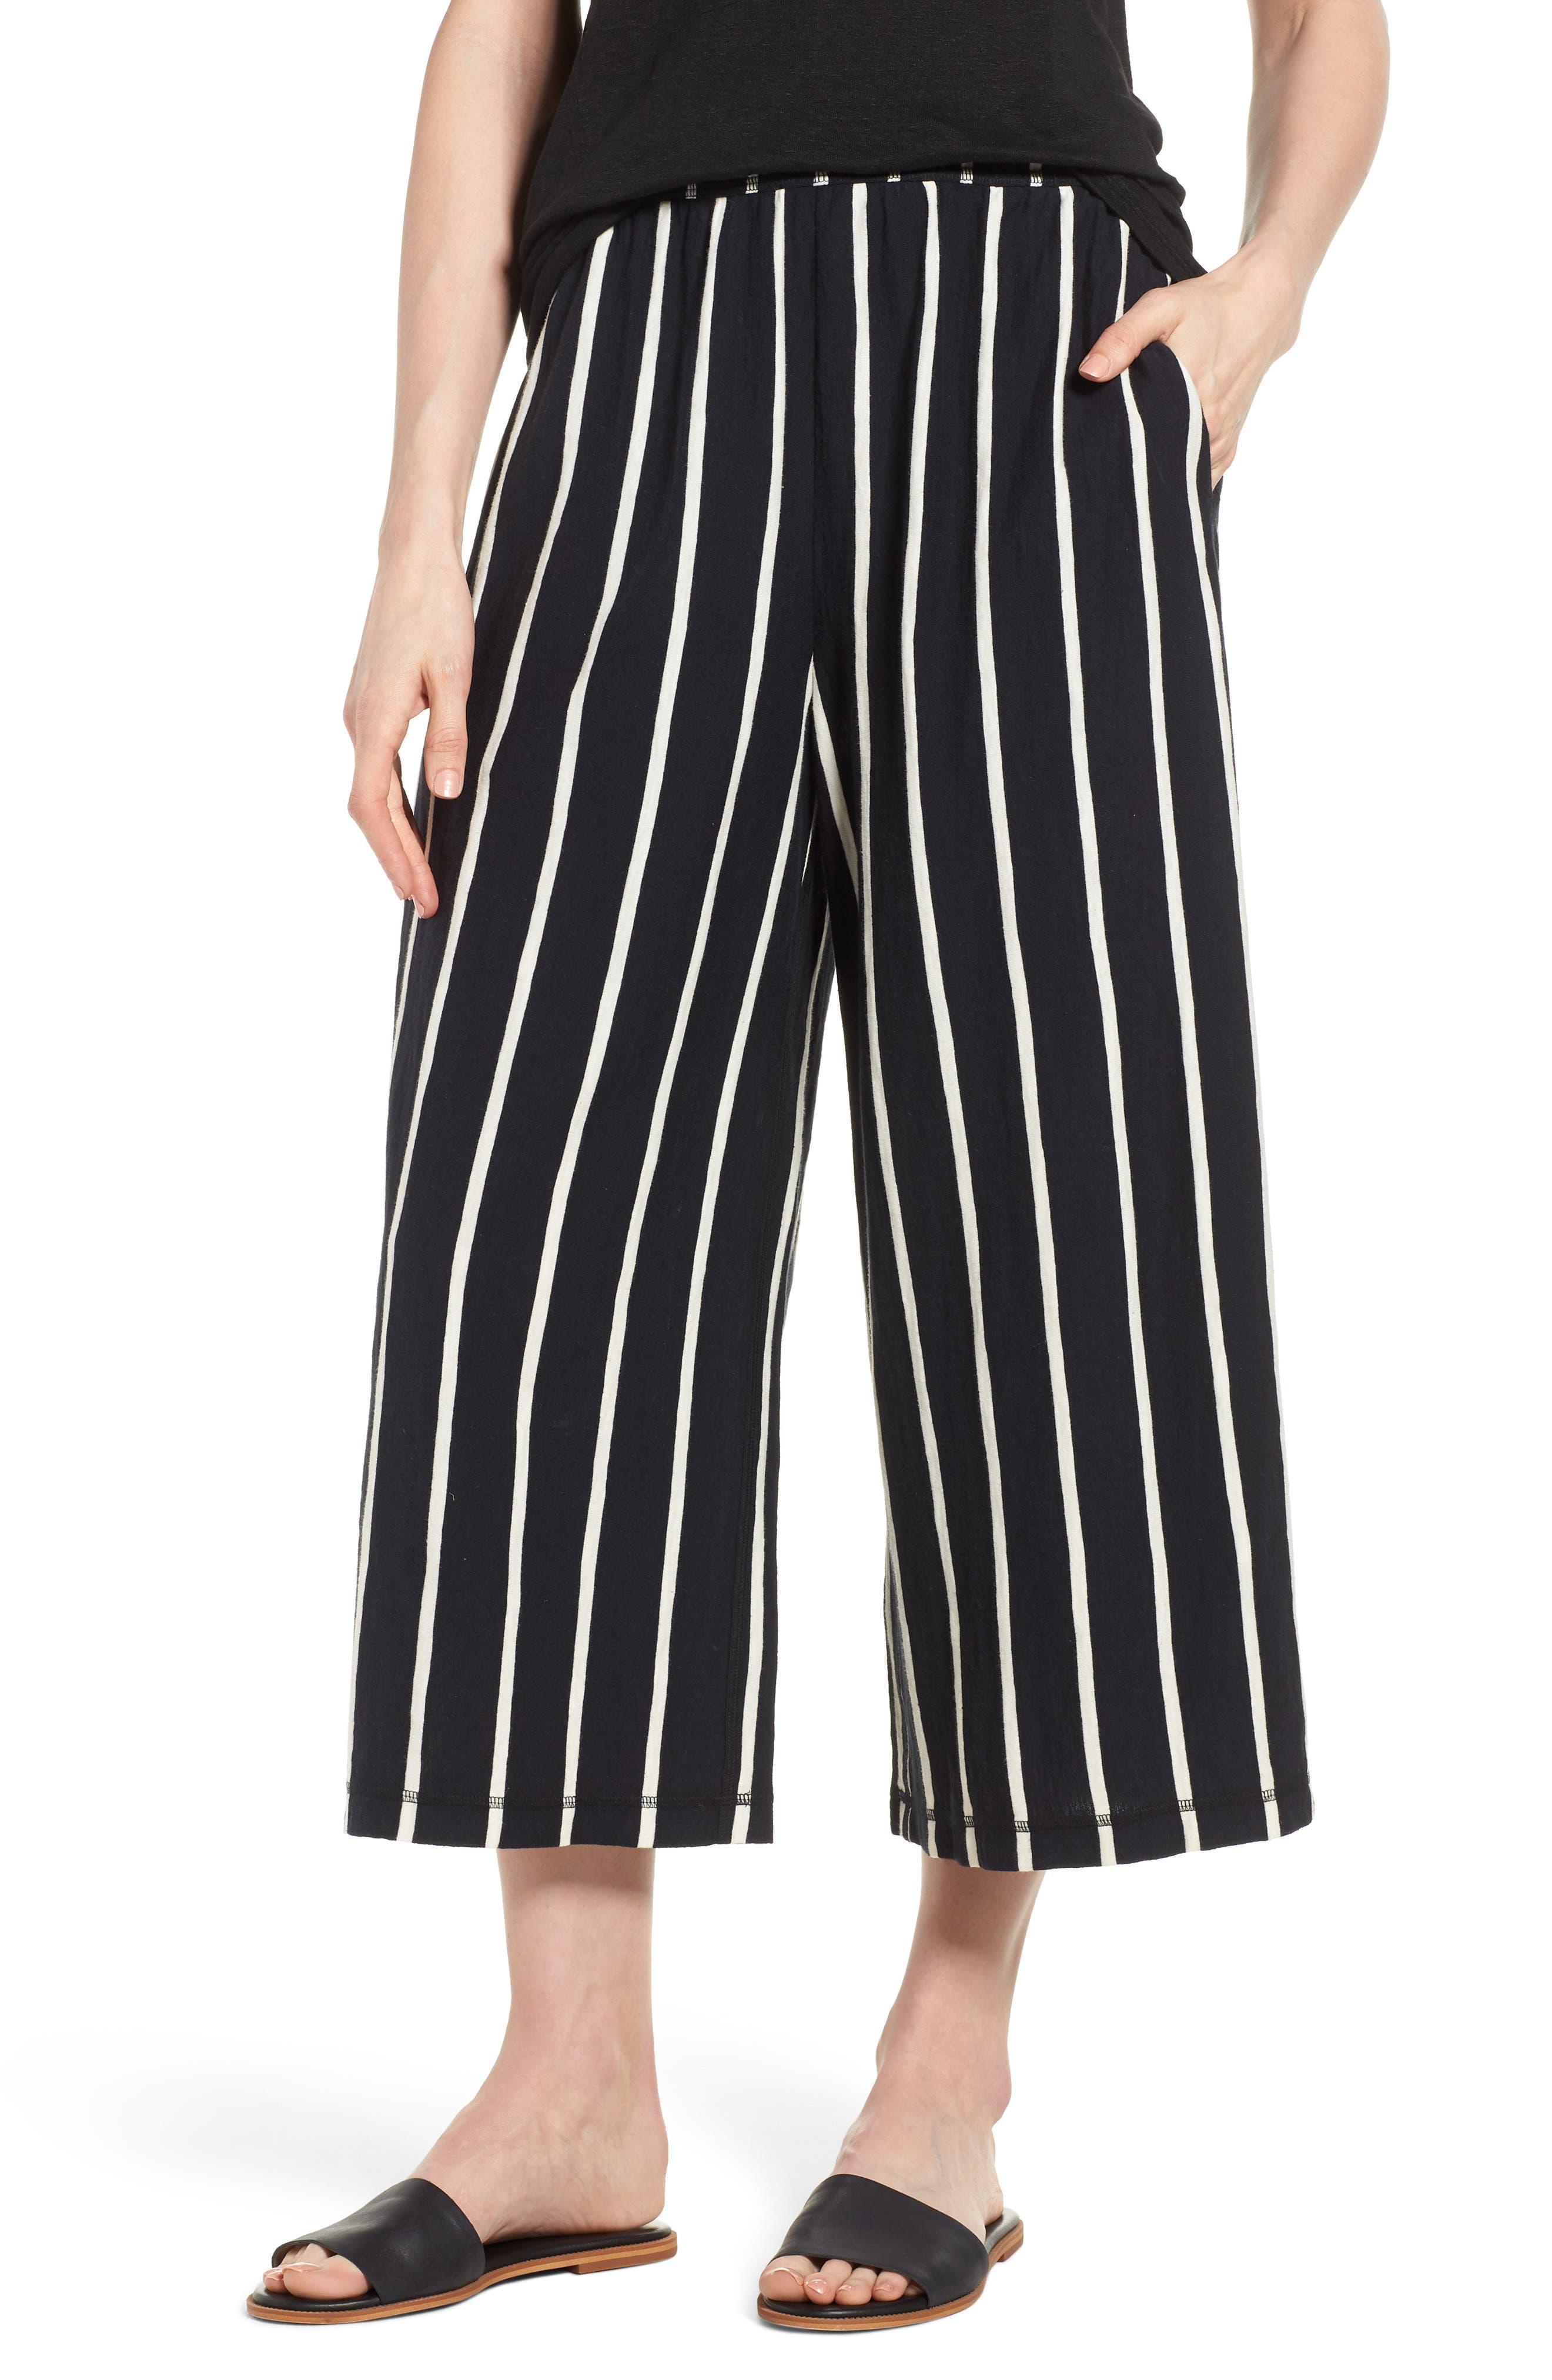 Stripe Organic Cotton Capri Pants,                             Main thumbnail 1, color,                             Black/ White